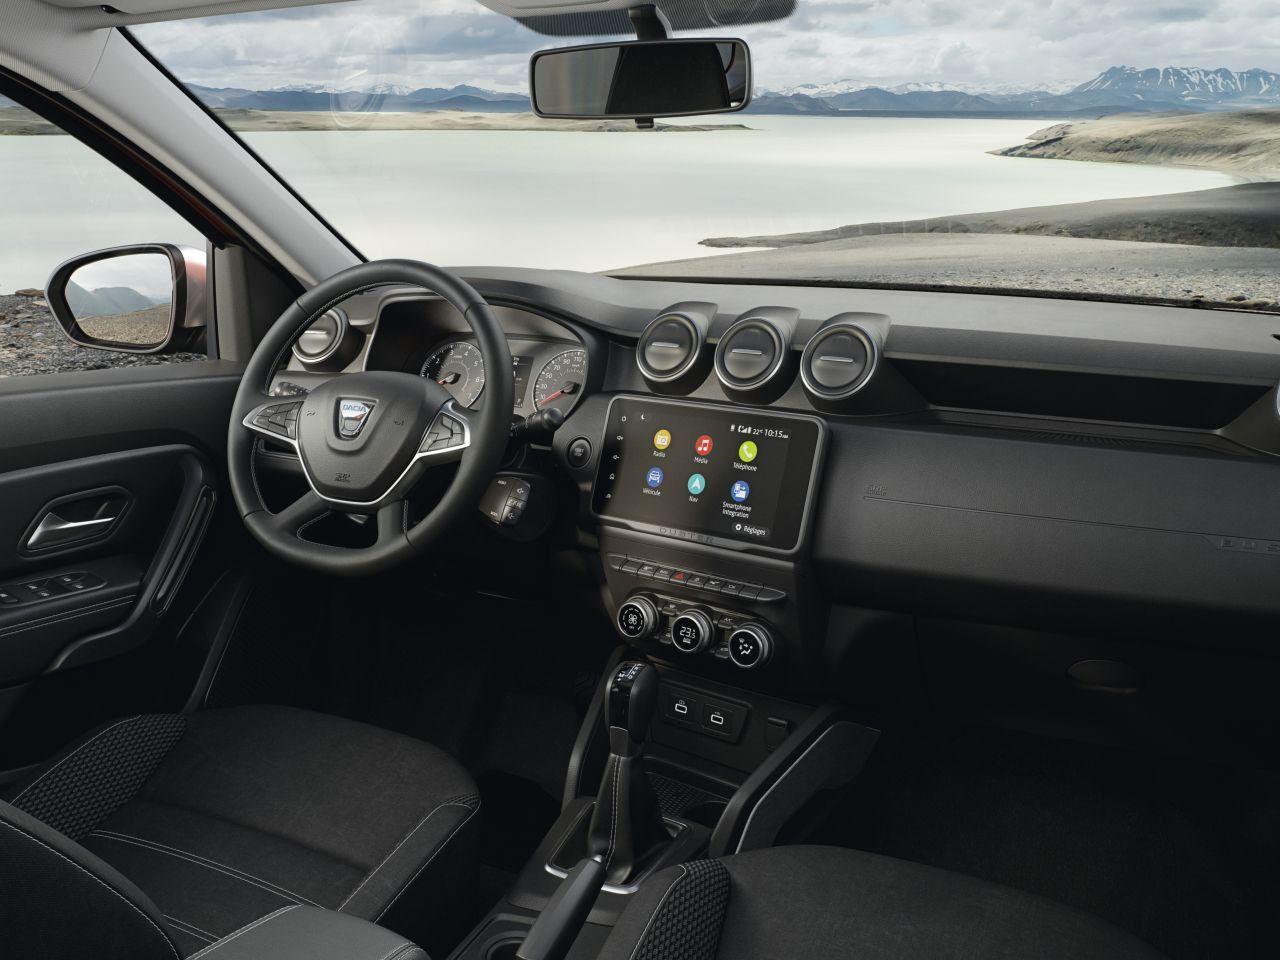 2021 Dacia Duster fiyatlarında uçuş devam ediyor mu? İşte fiyatlar! - Page 1